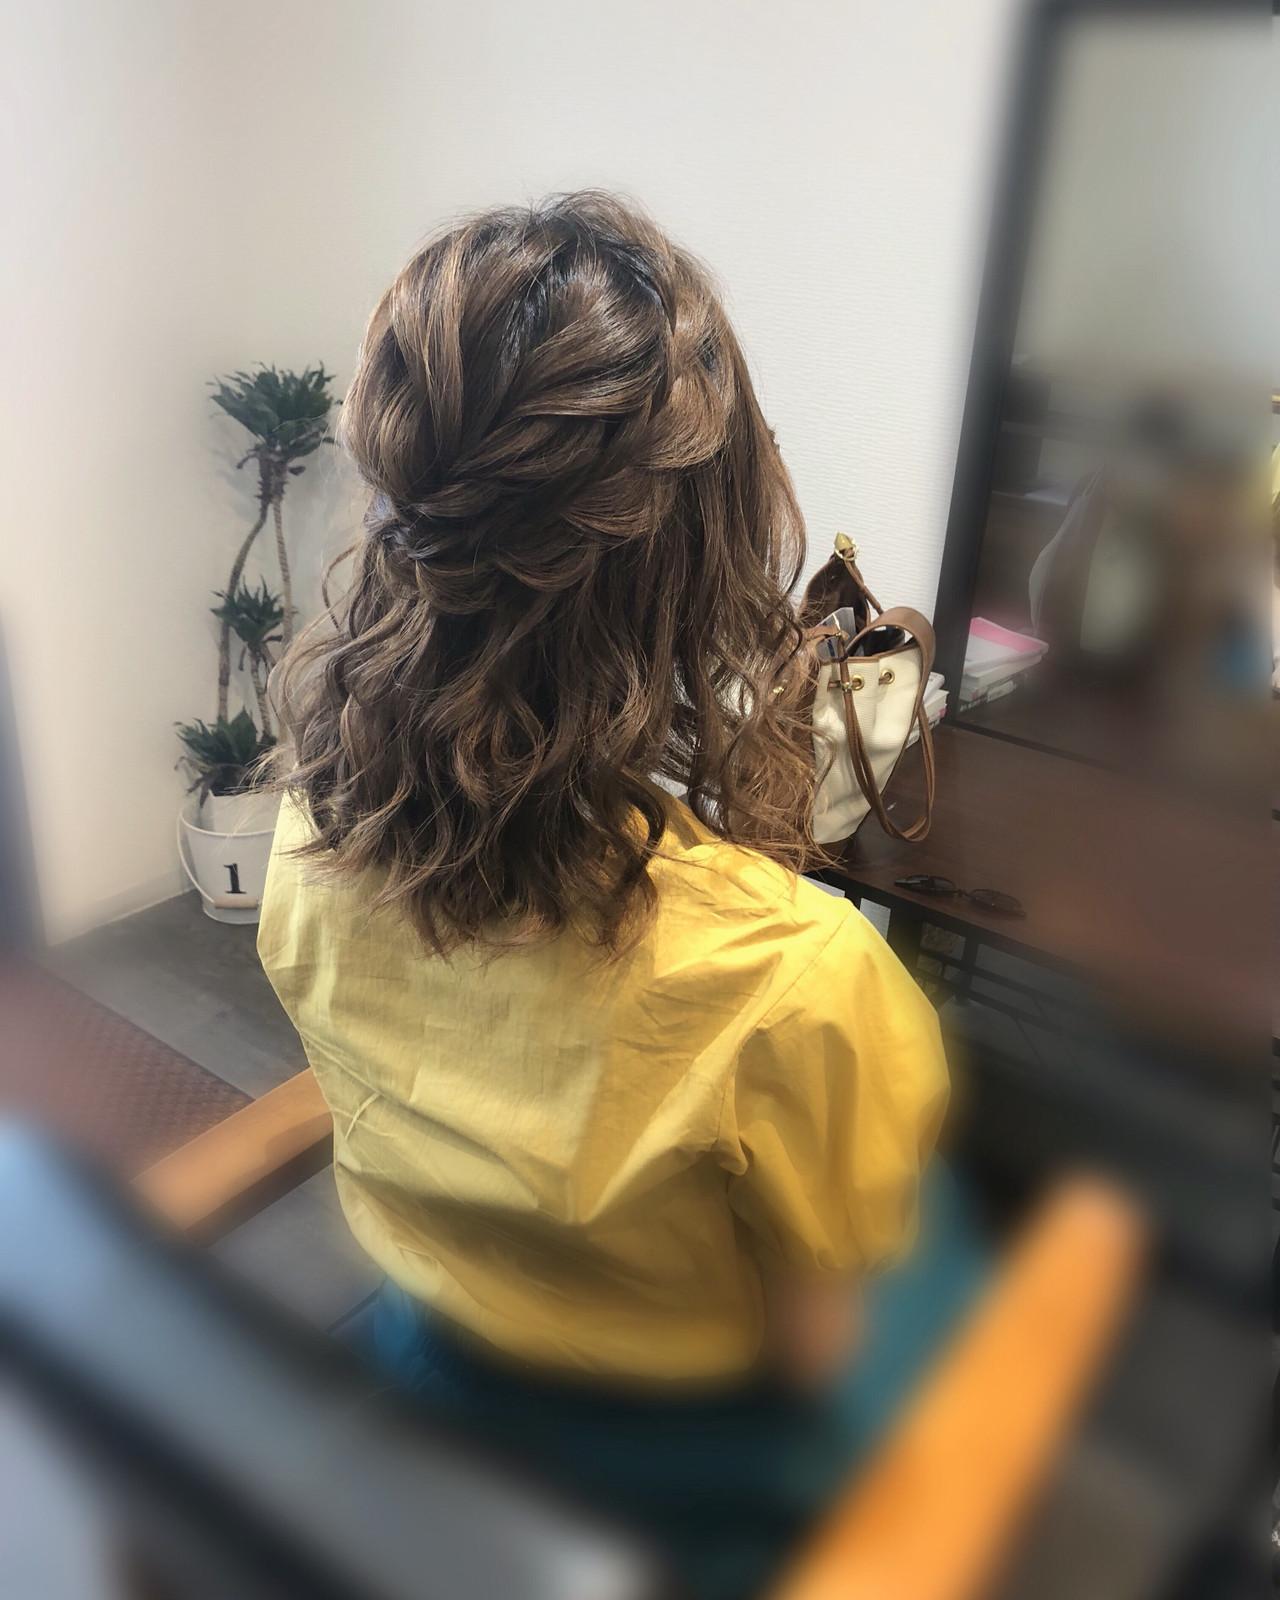 ガーリー 編み込み 結婚式 ミディアム ヘアスタイルや髪型の写真・画像 | mai / HAIR SALON STELLA